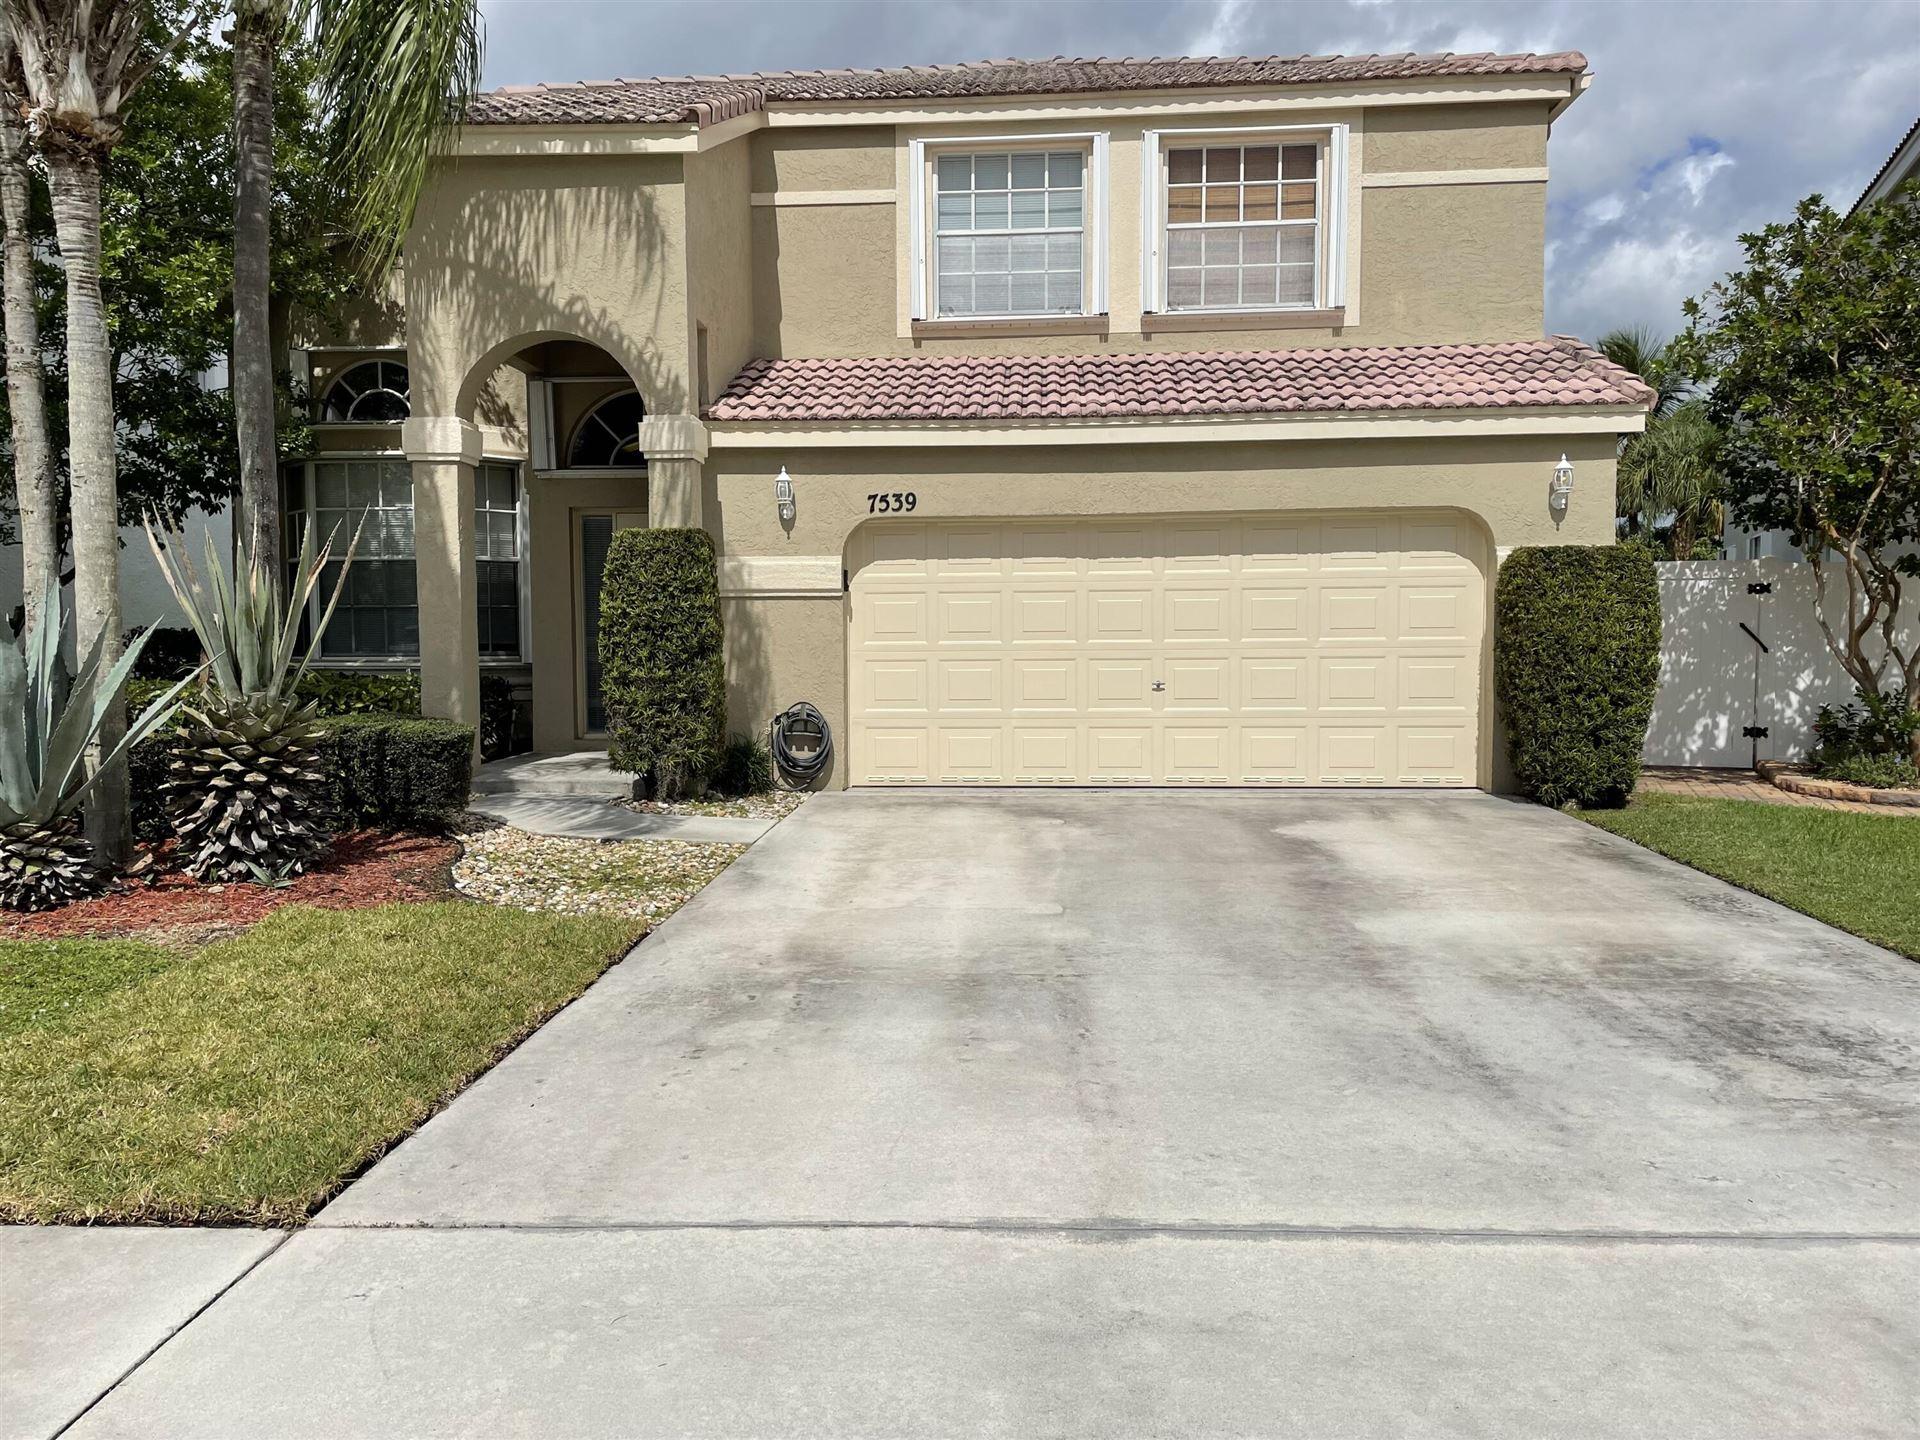 7539 Ridgefield Lane, Lake Worth, FL 33467 - #: RX-10753798